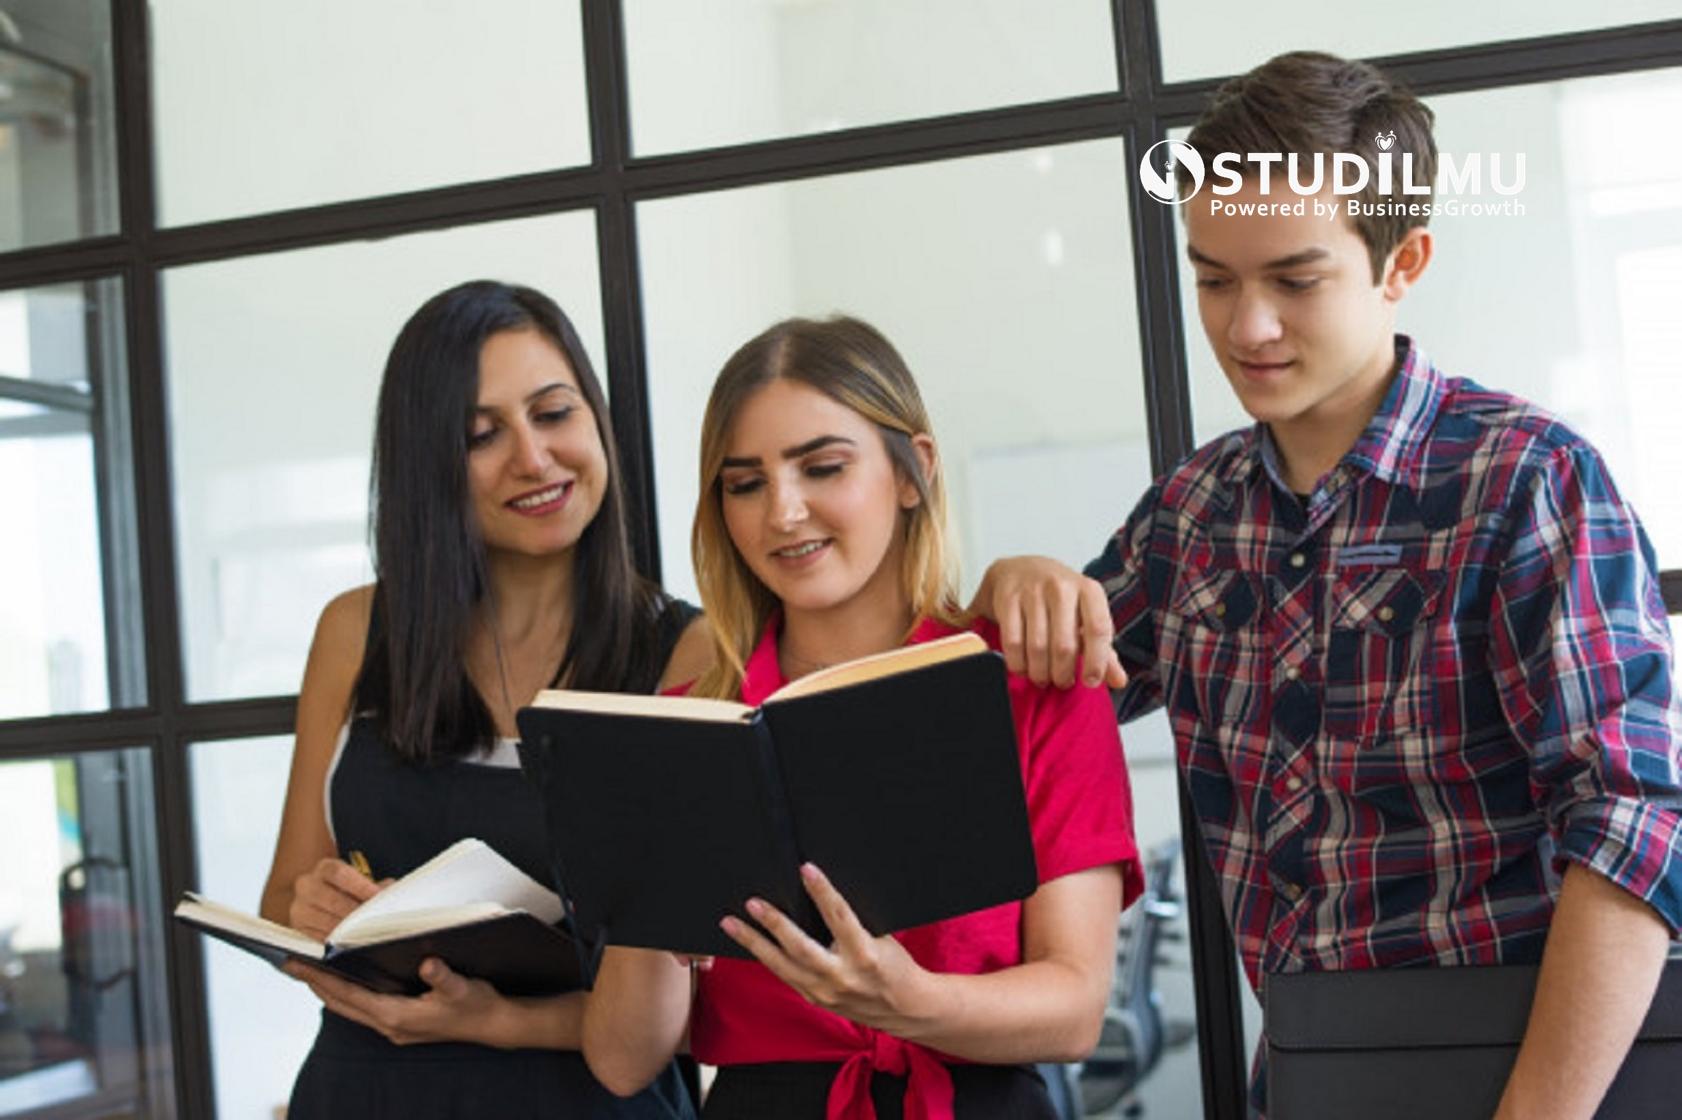 STUDILMU Career Advice - Magang adalah Peluang Karier yang Berharga